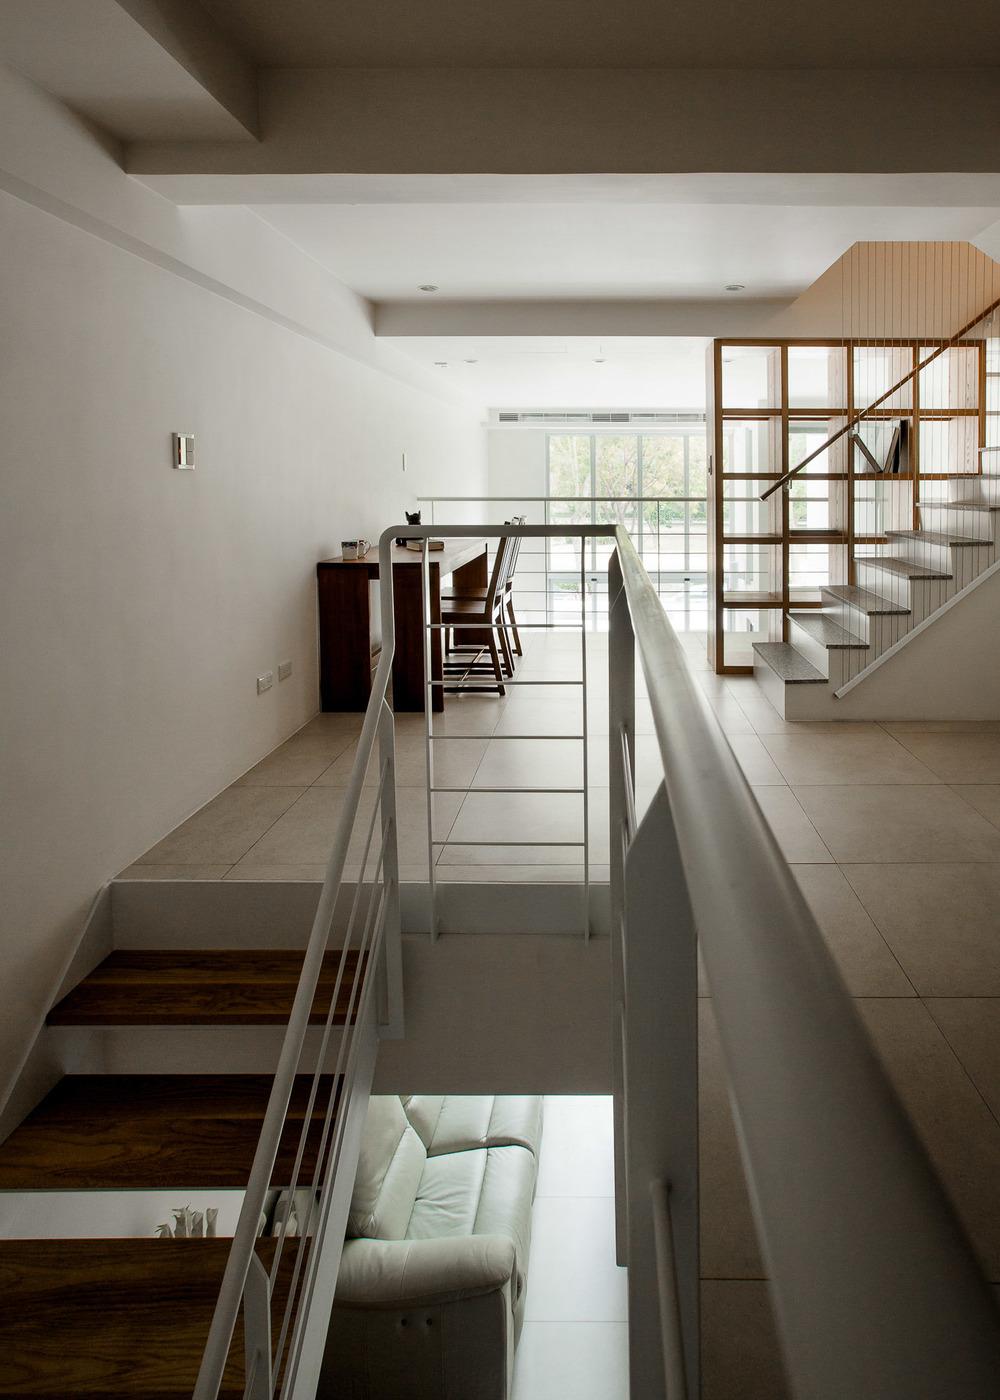 Interior-045.jpg